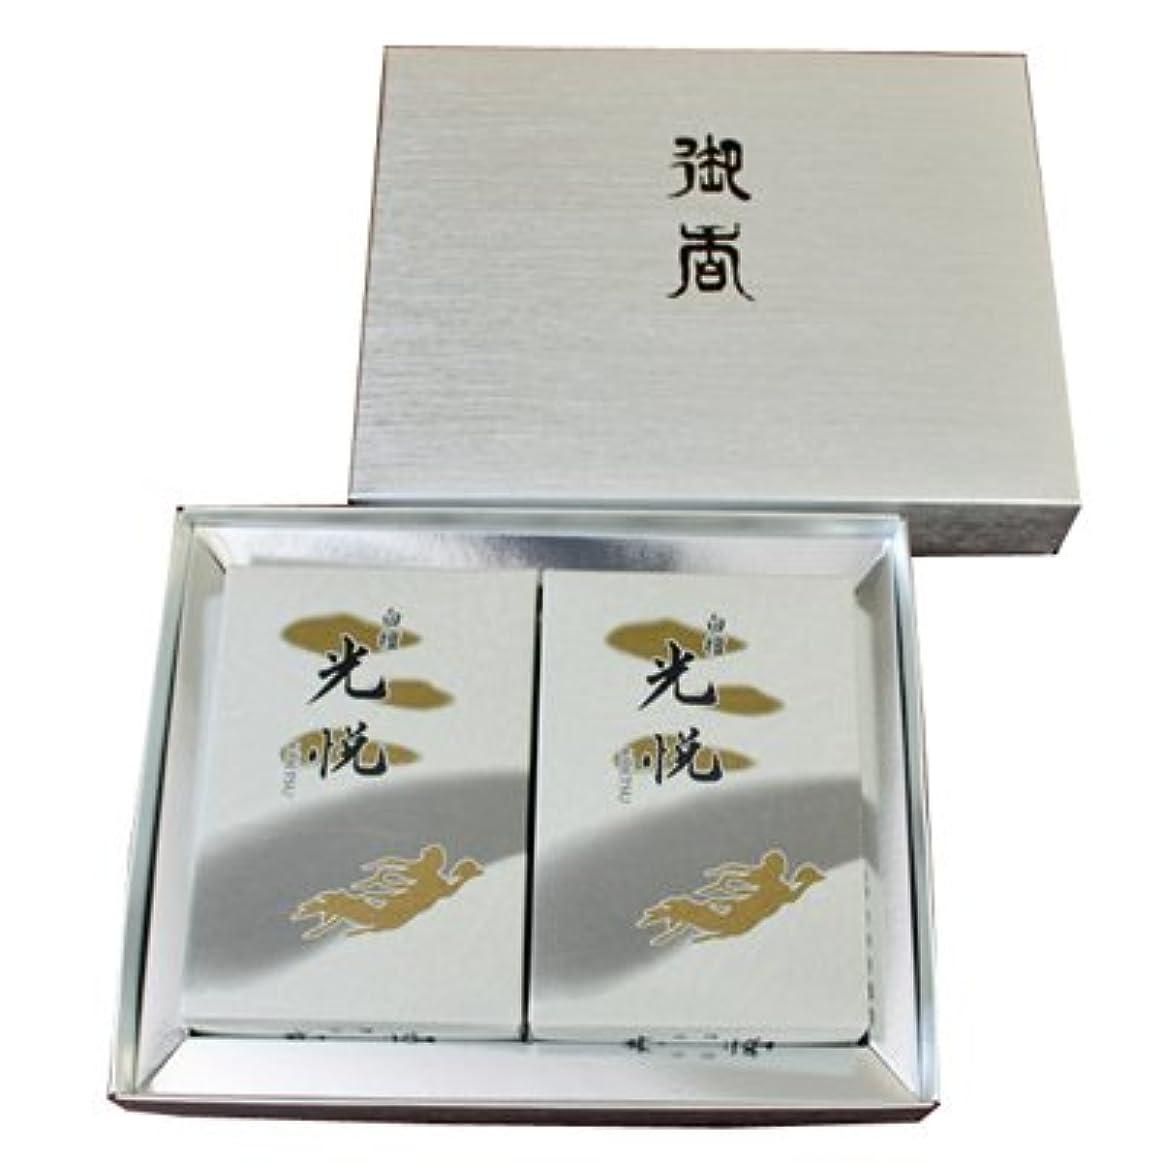 文字学期ぼんやりした白檀光悦2点セット 贈り物用 贈答用 ギフト用 お線香